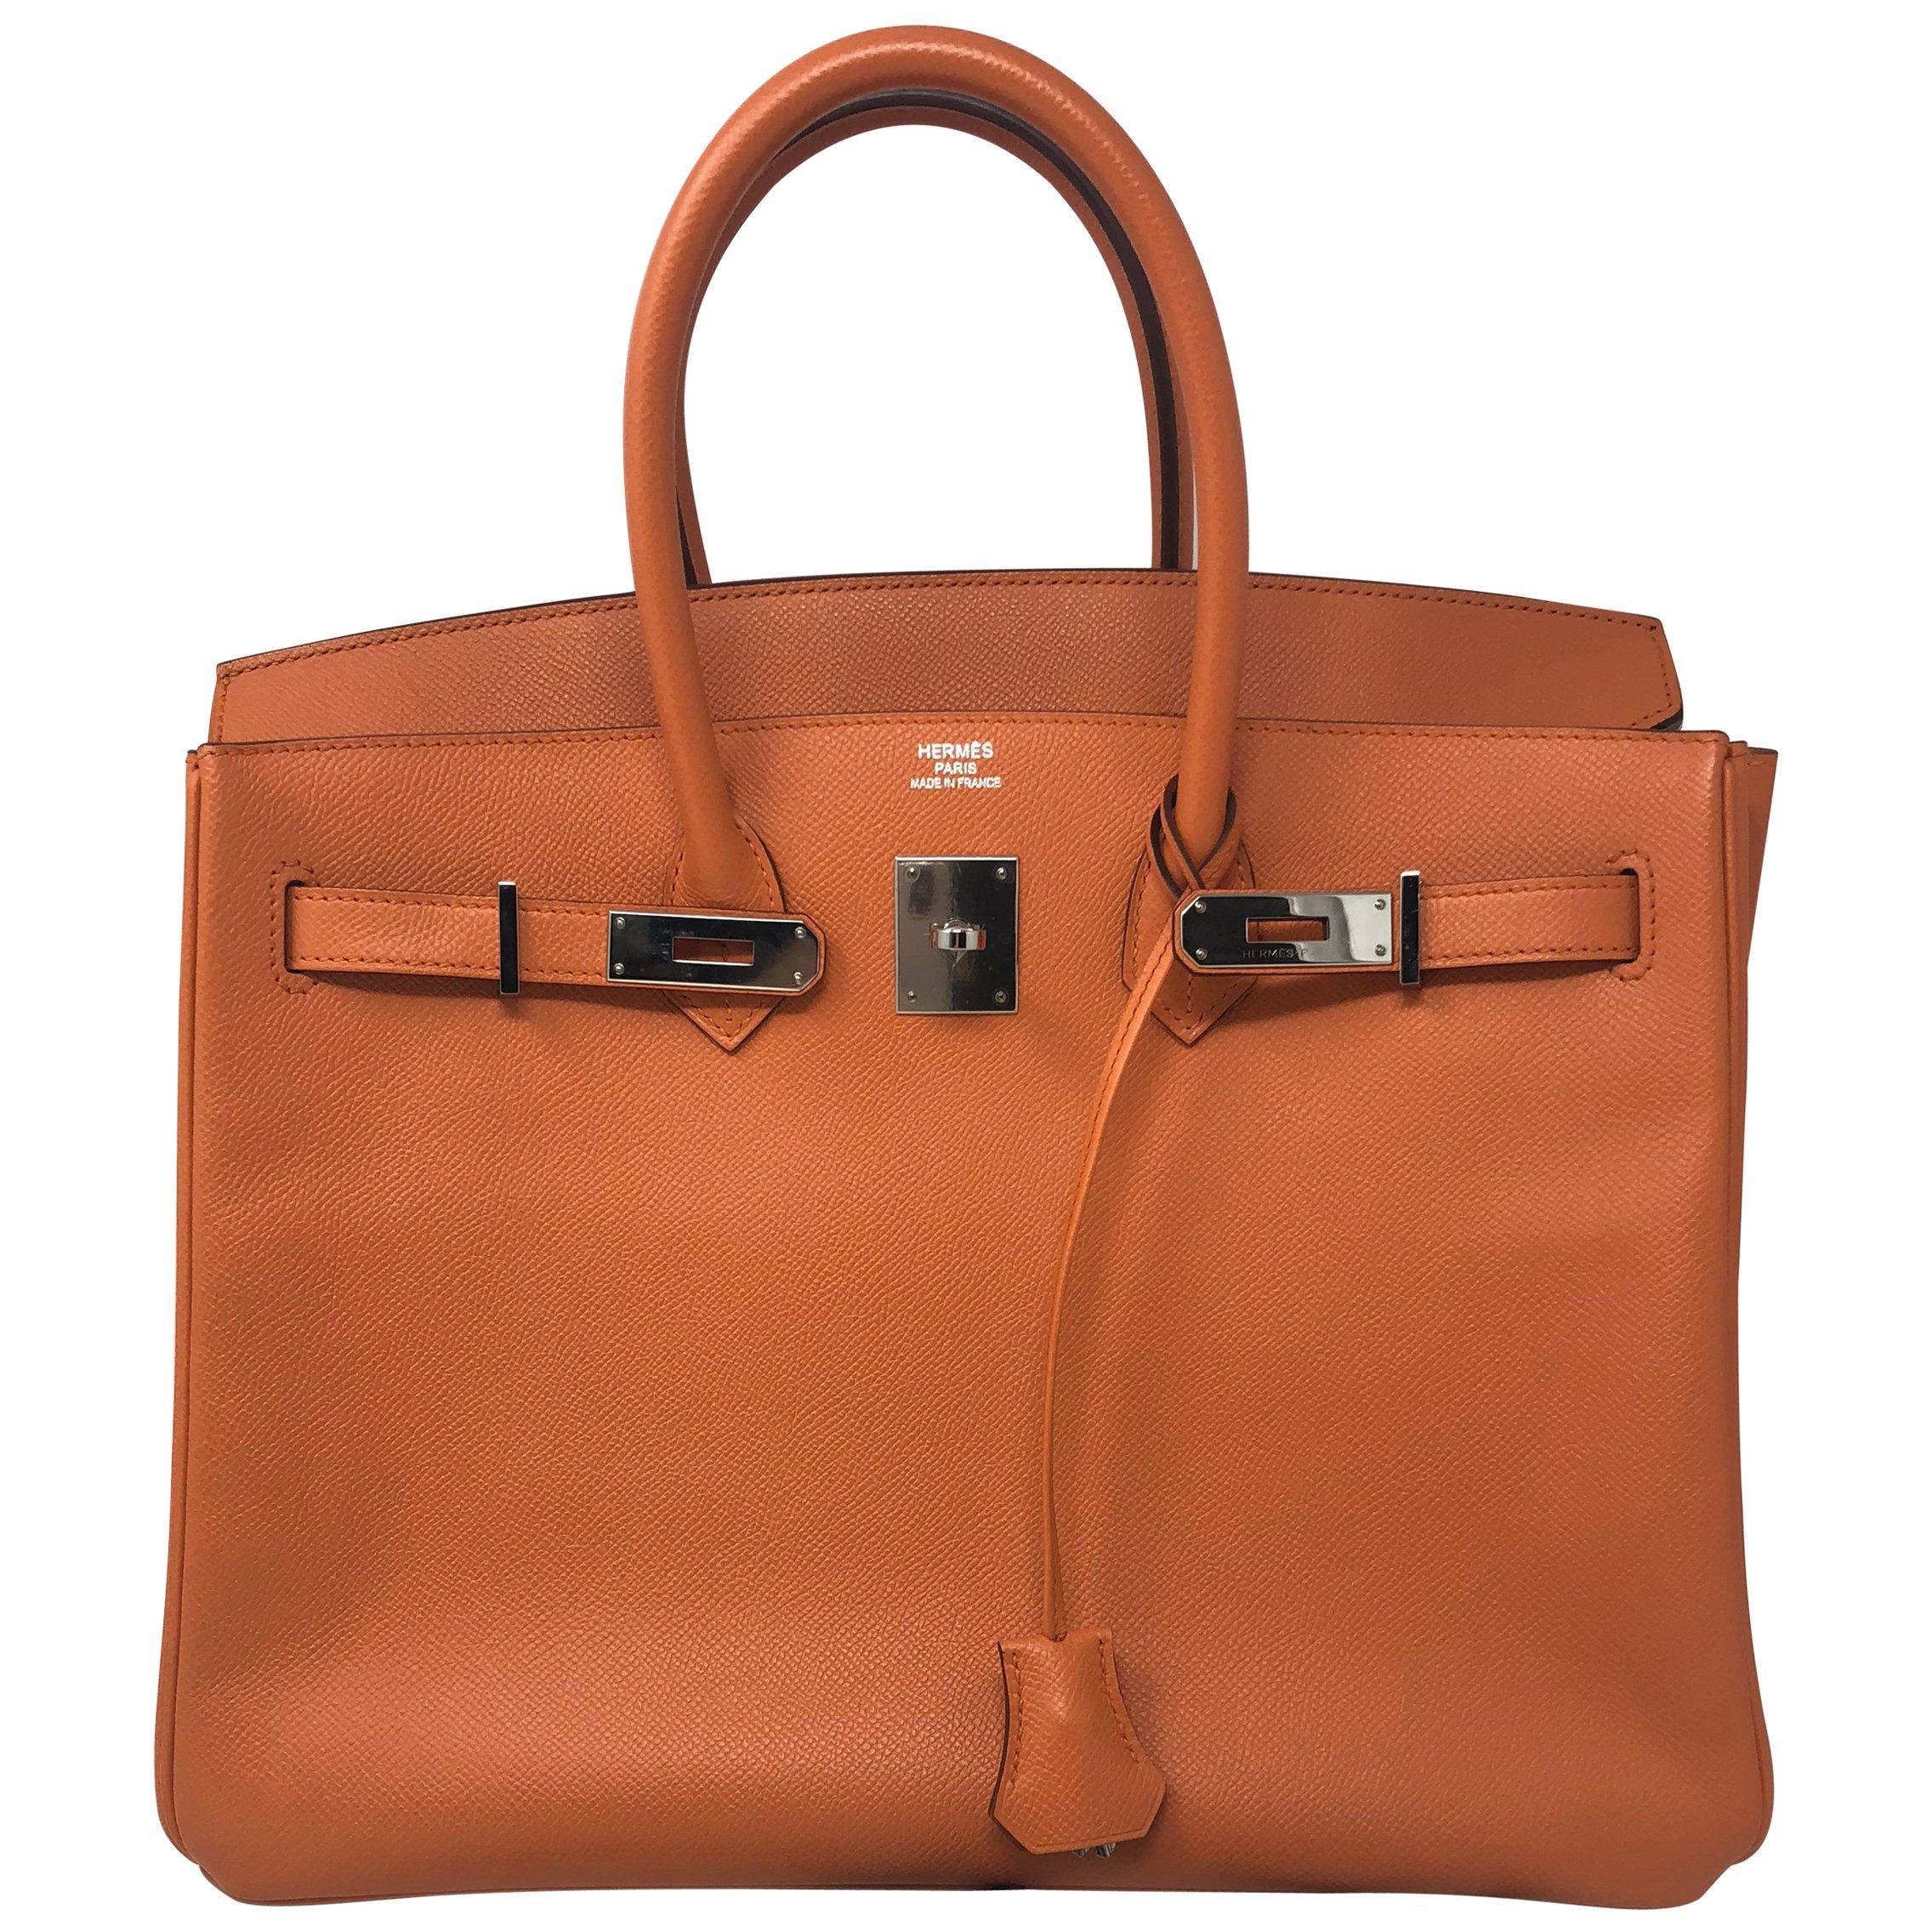 84d23662917a Vintage Hermès Handbags and Purses - 2